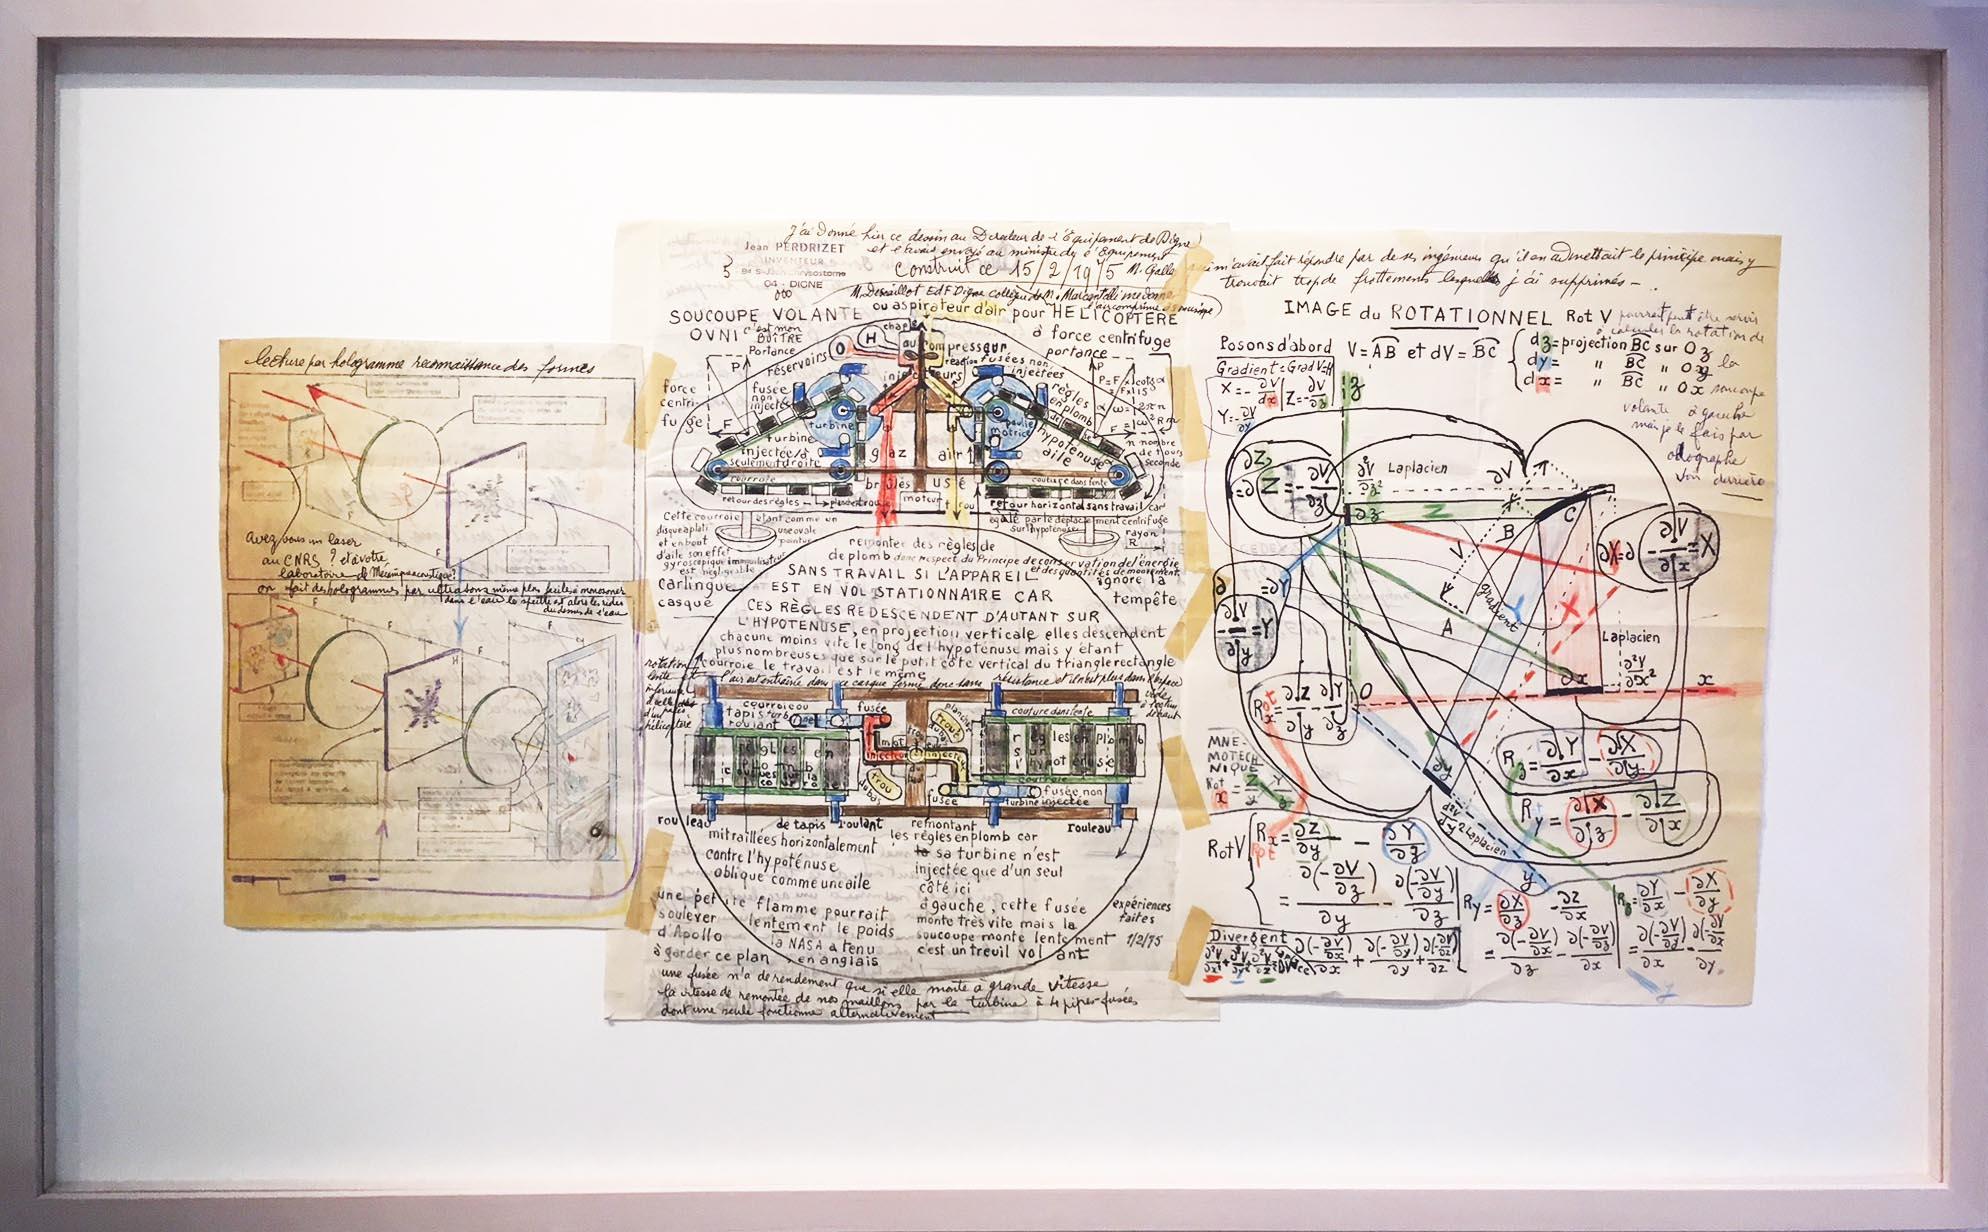 Jean Perdrizet, soucoupe volante OVNI, 1975, technique mixte sur papier, 37,8 x 70,5 cm.jpg